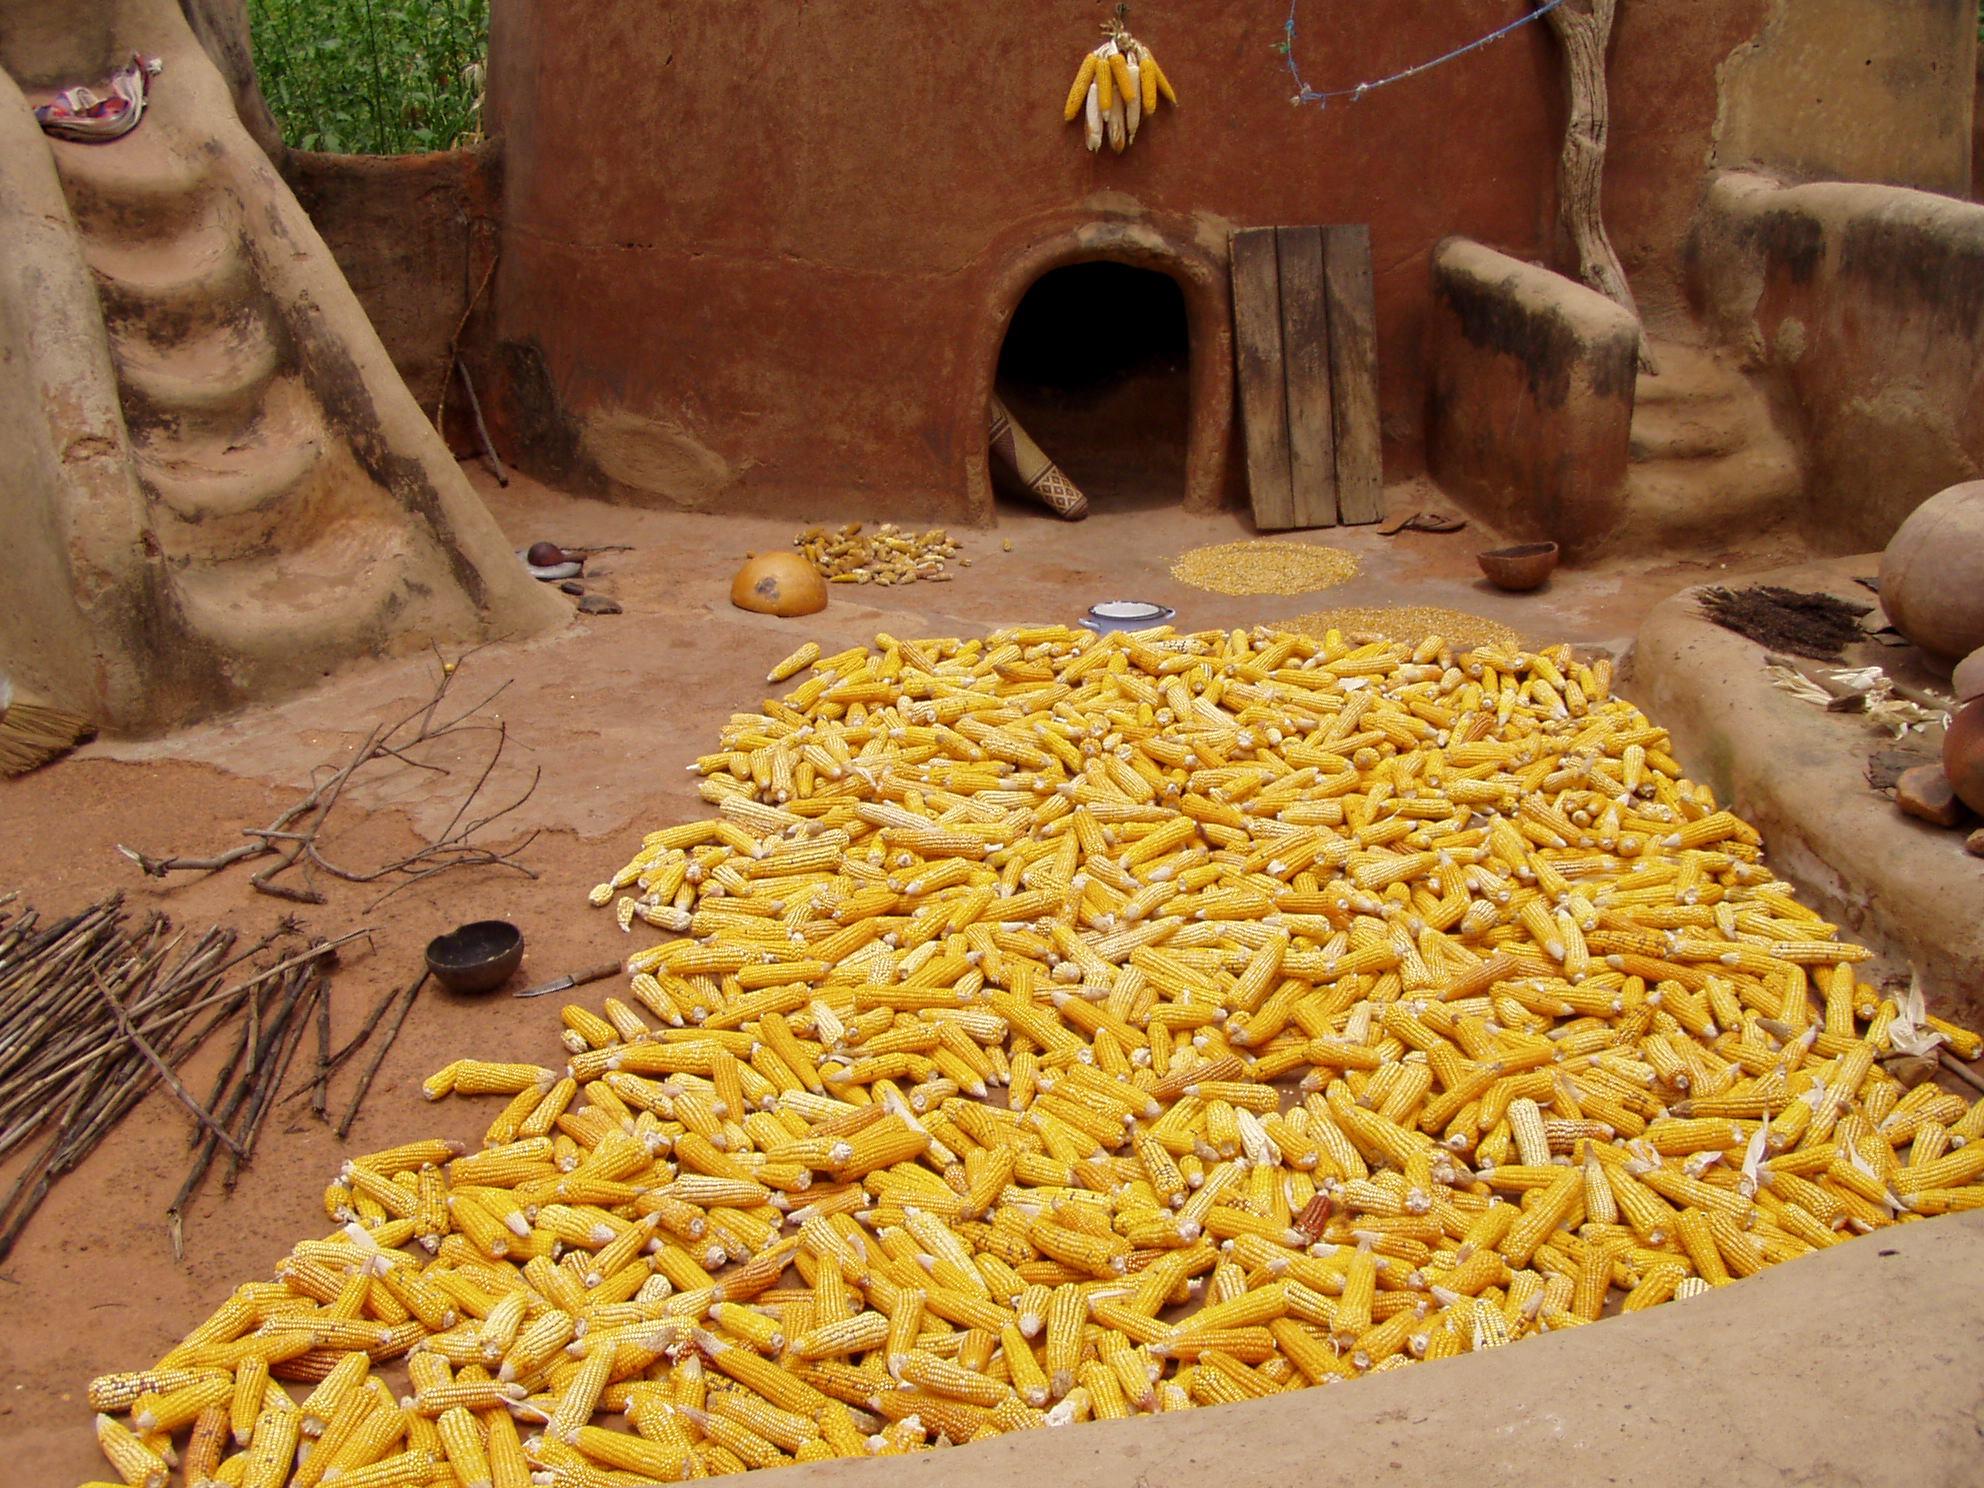 Sécher de maïs. Drying sweet corn.